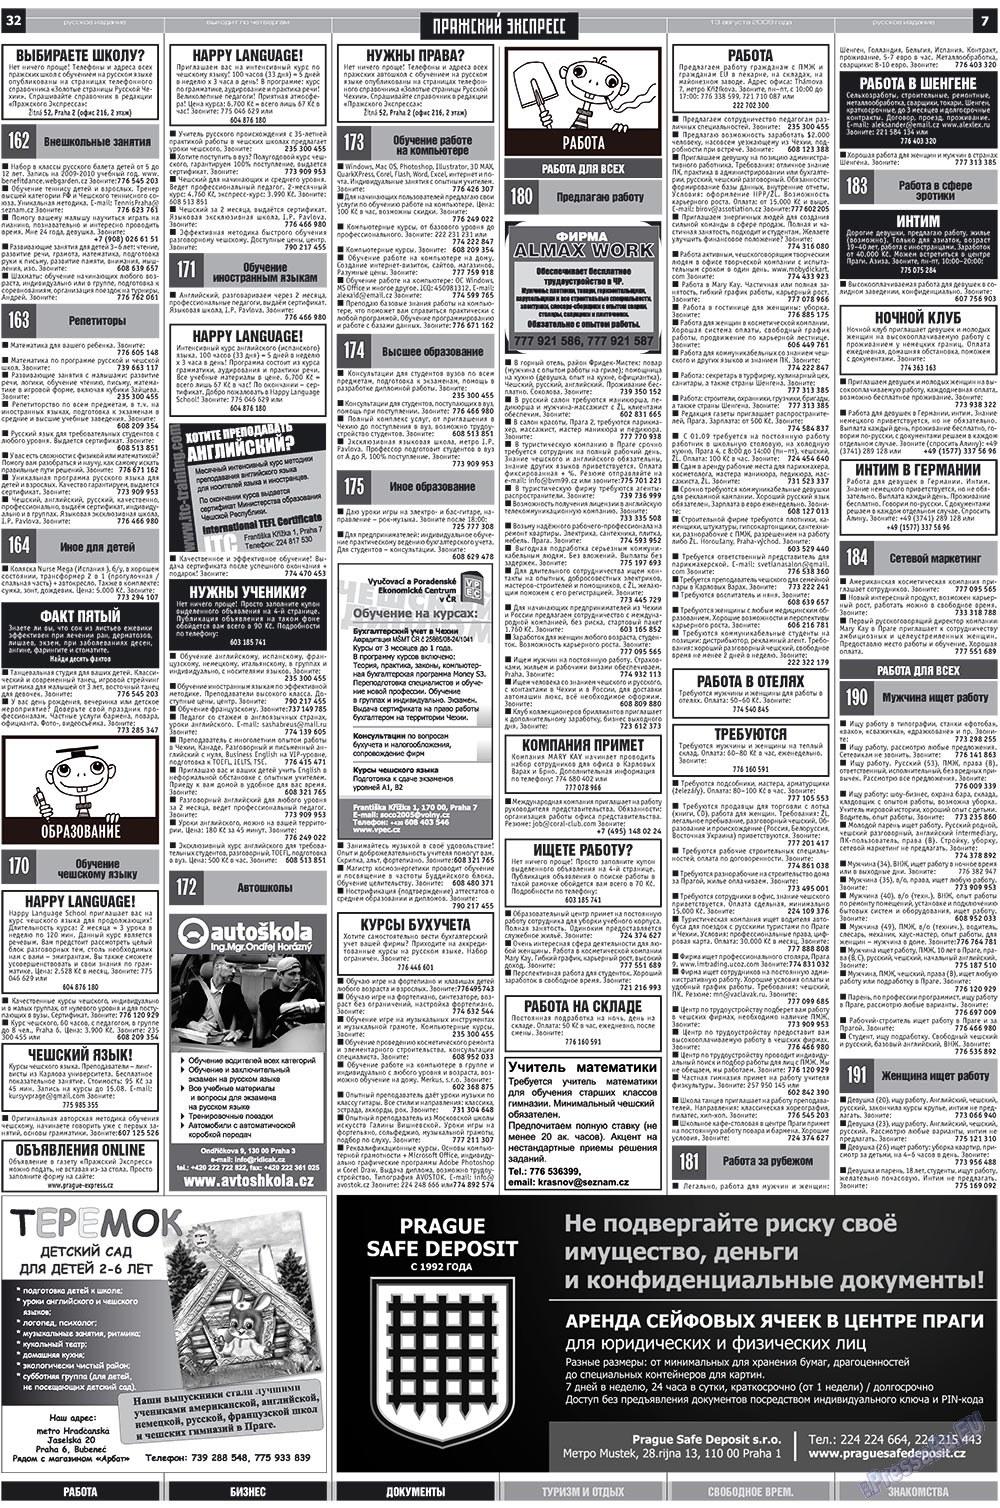 Пражский экспресс (газета). 2009 год, номер 32, стр. 7